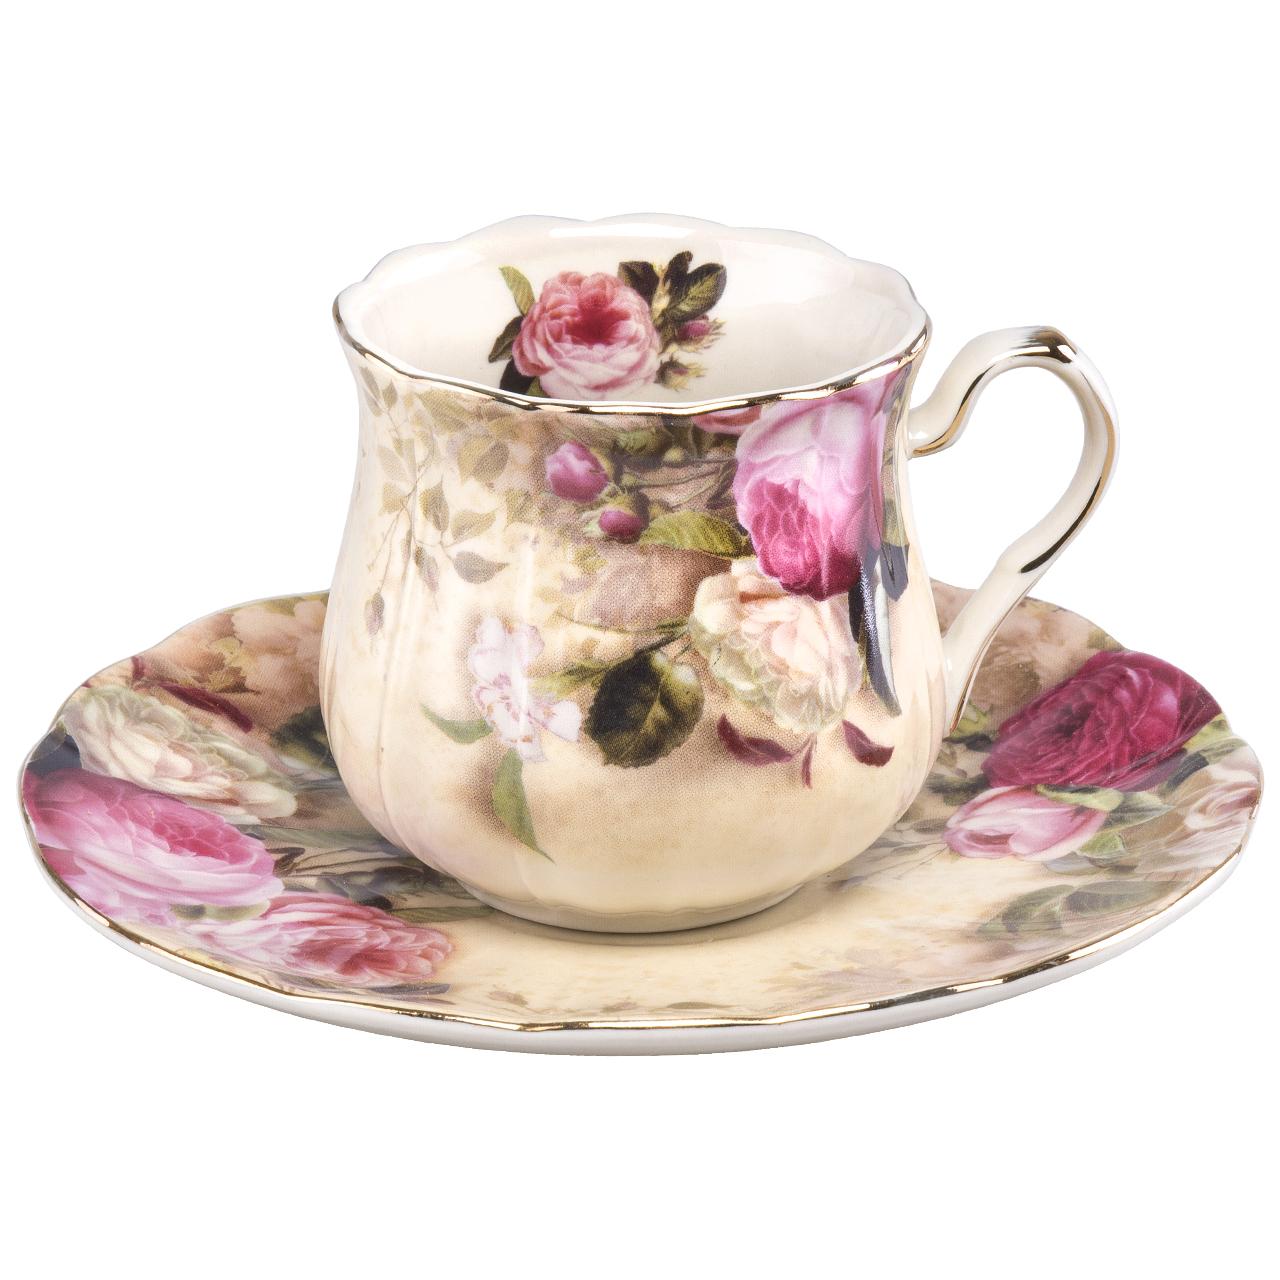 عکس سرویس چای خوری 12 پارچه کد 1036